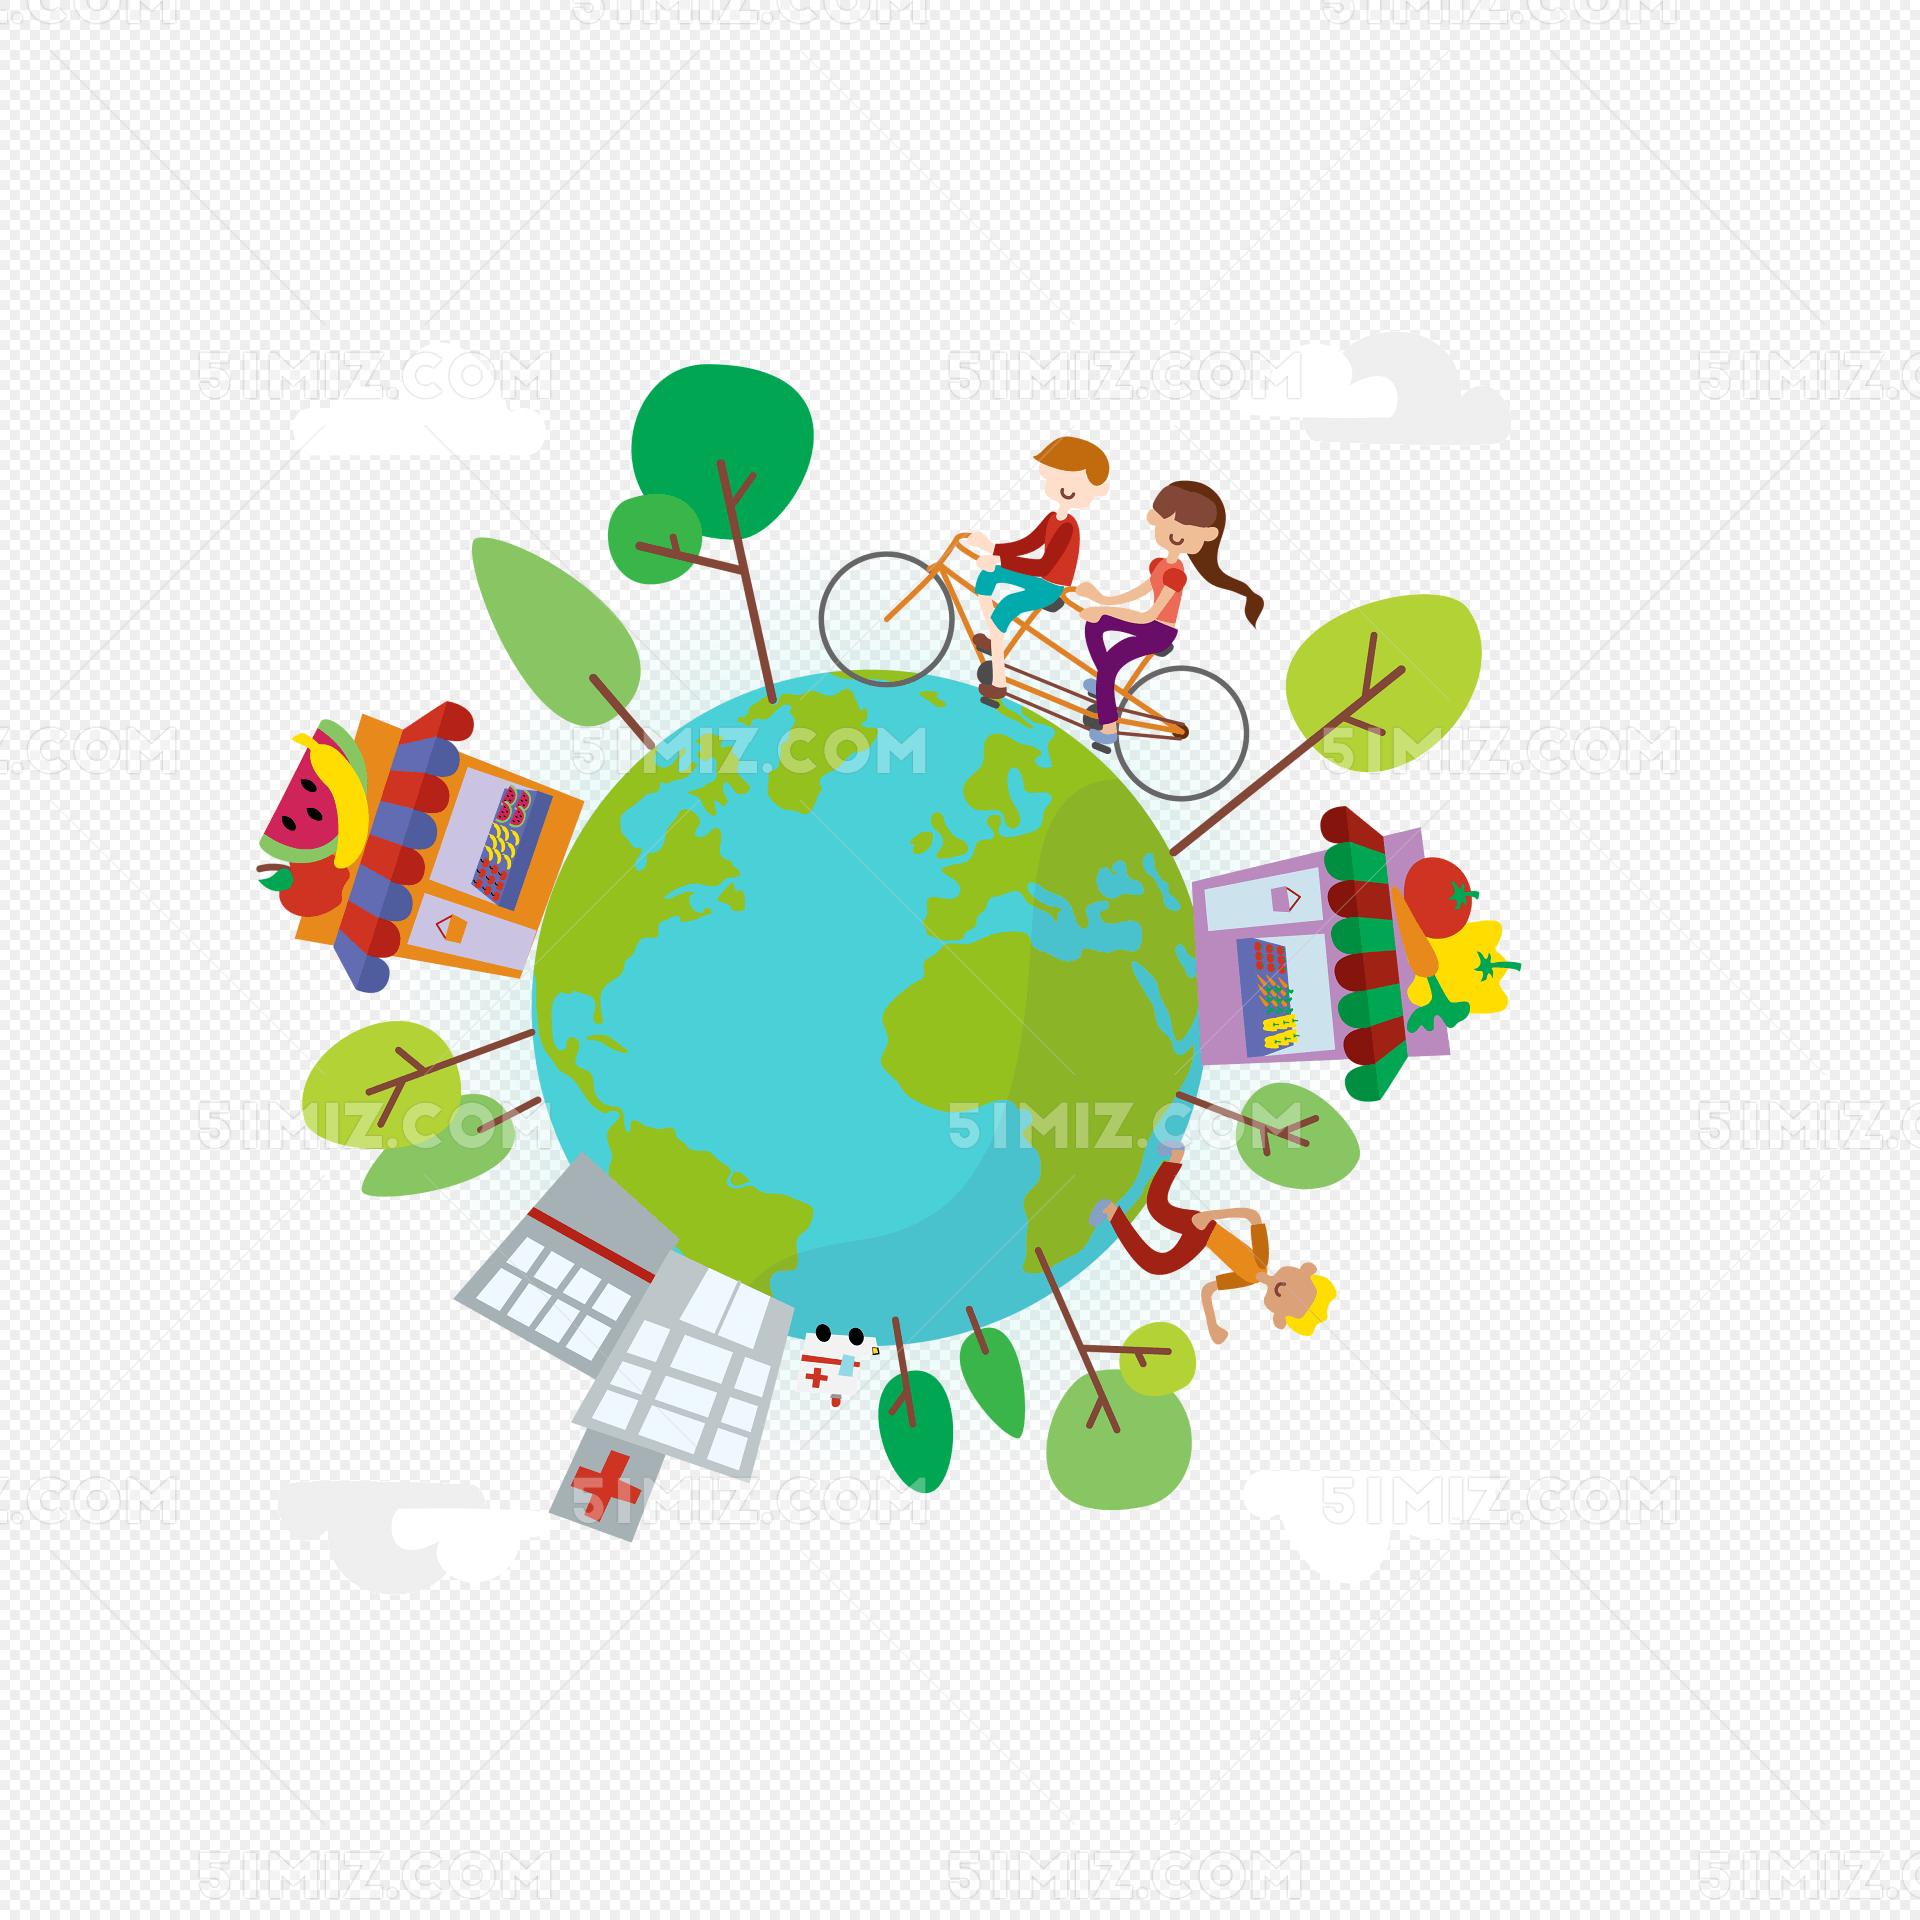 下载png下载ai png素材 手绘环保地球日矢量图标签:骑自行车的人 保护